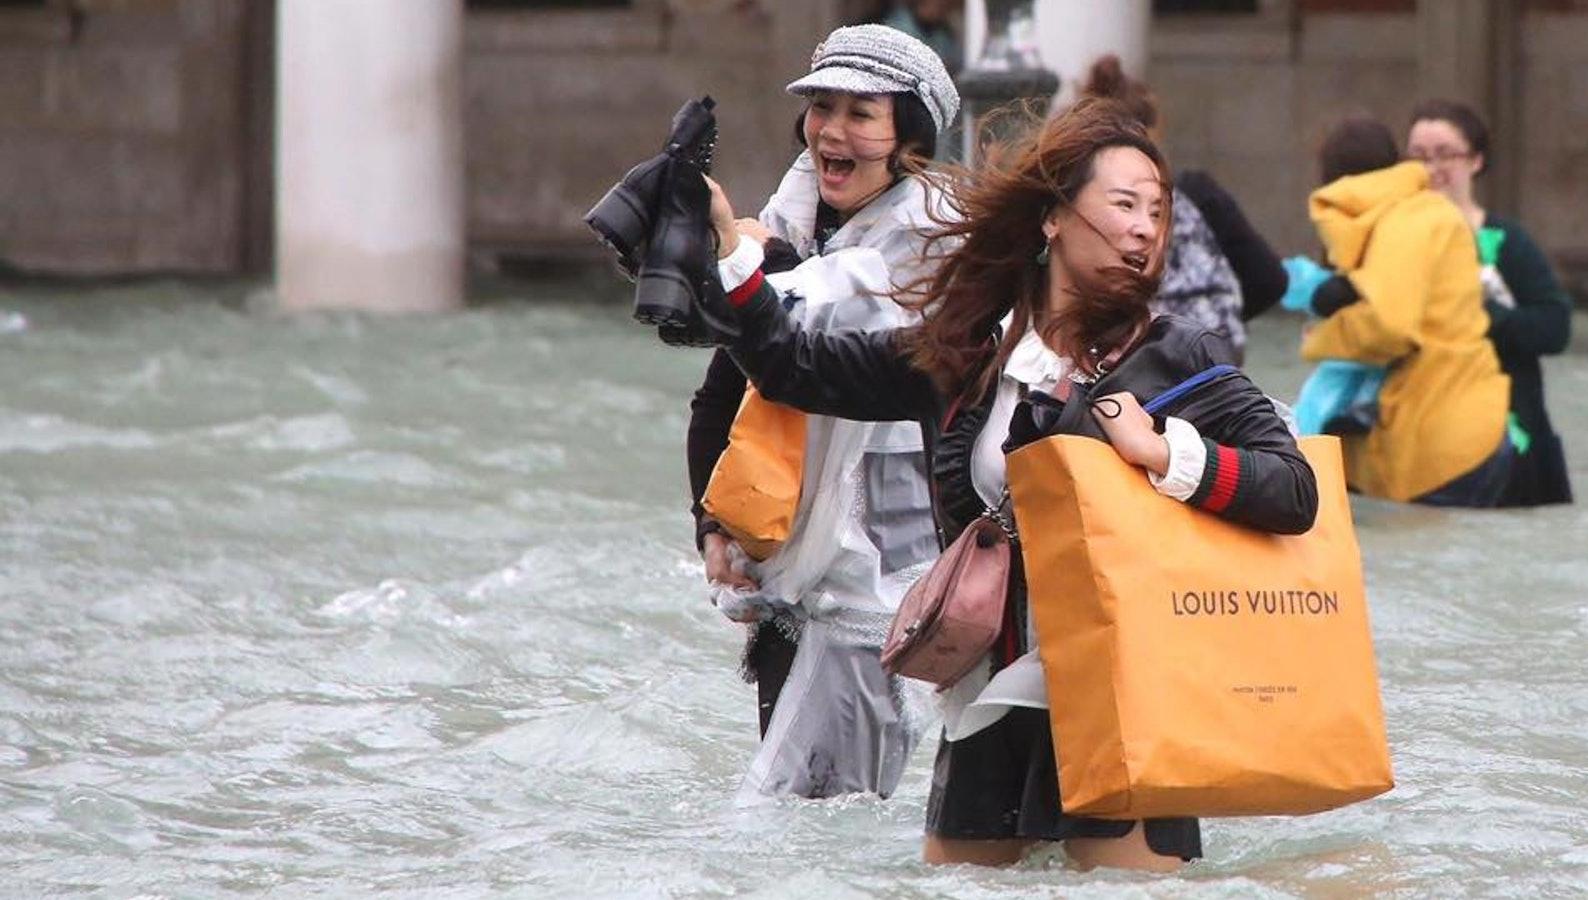 Venedig hochwasser 2018 16x9